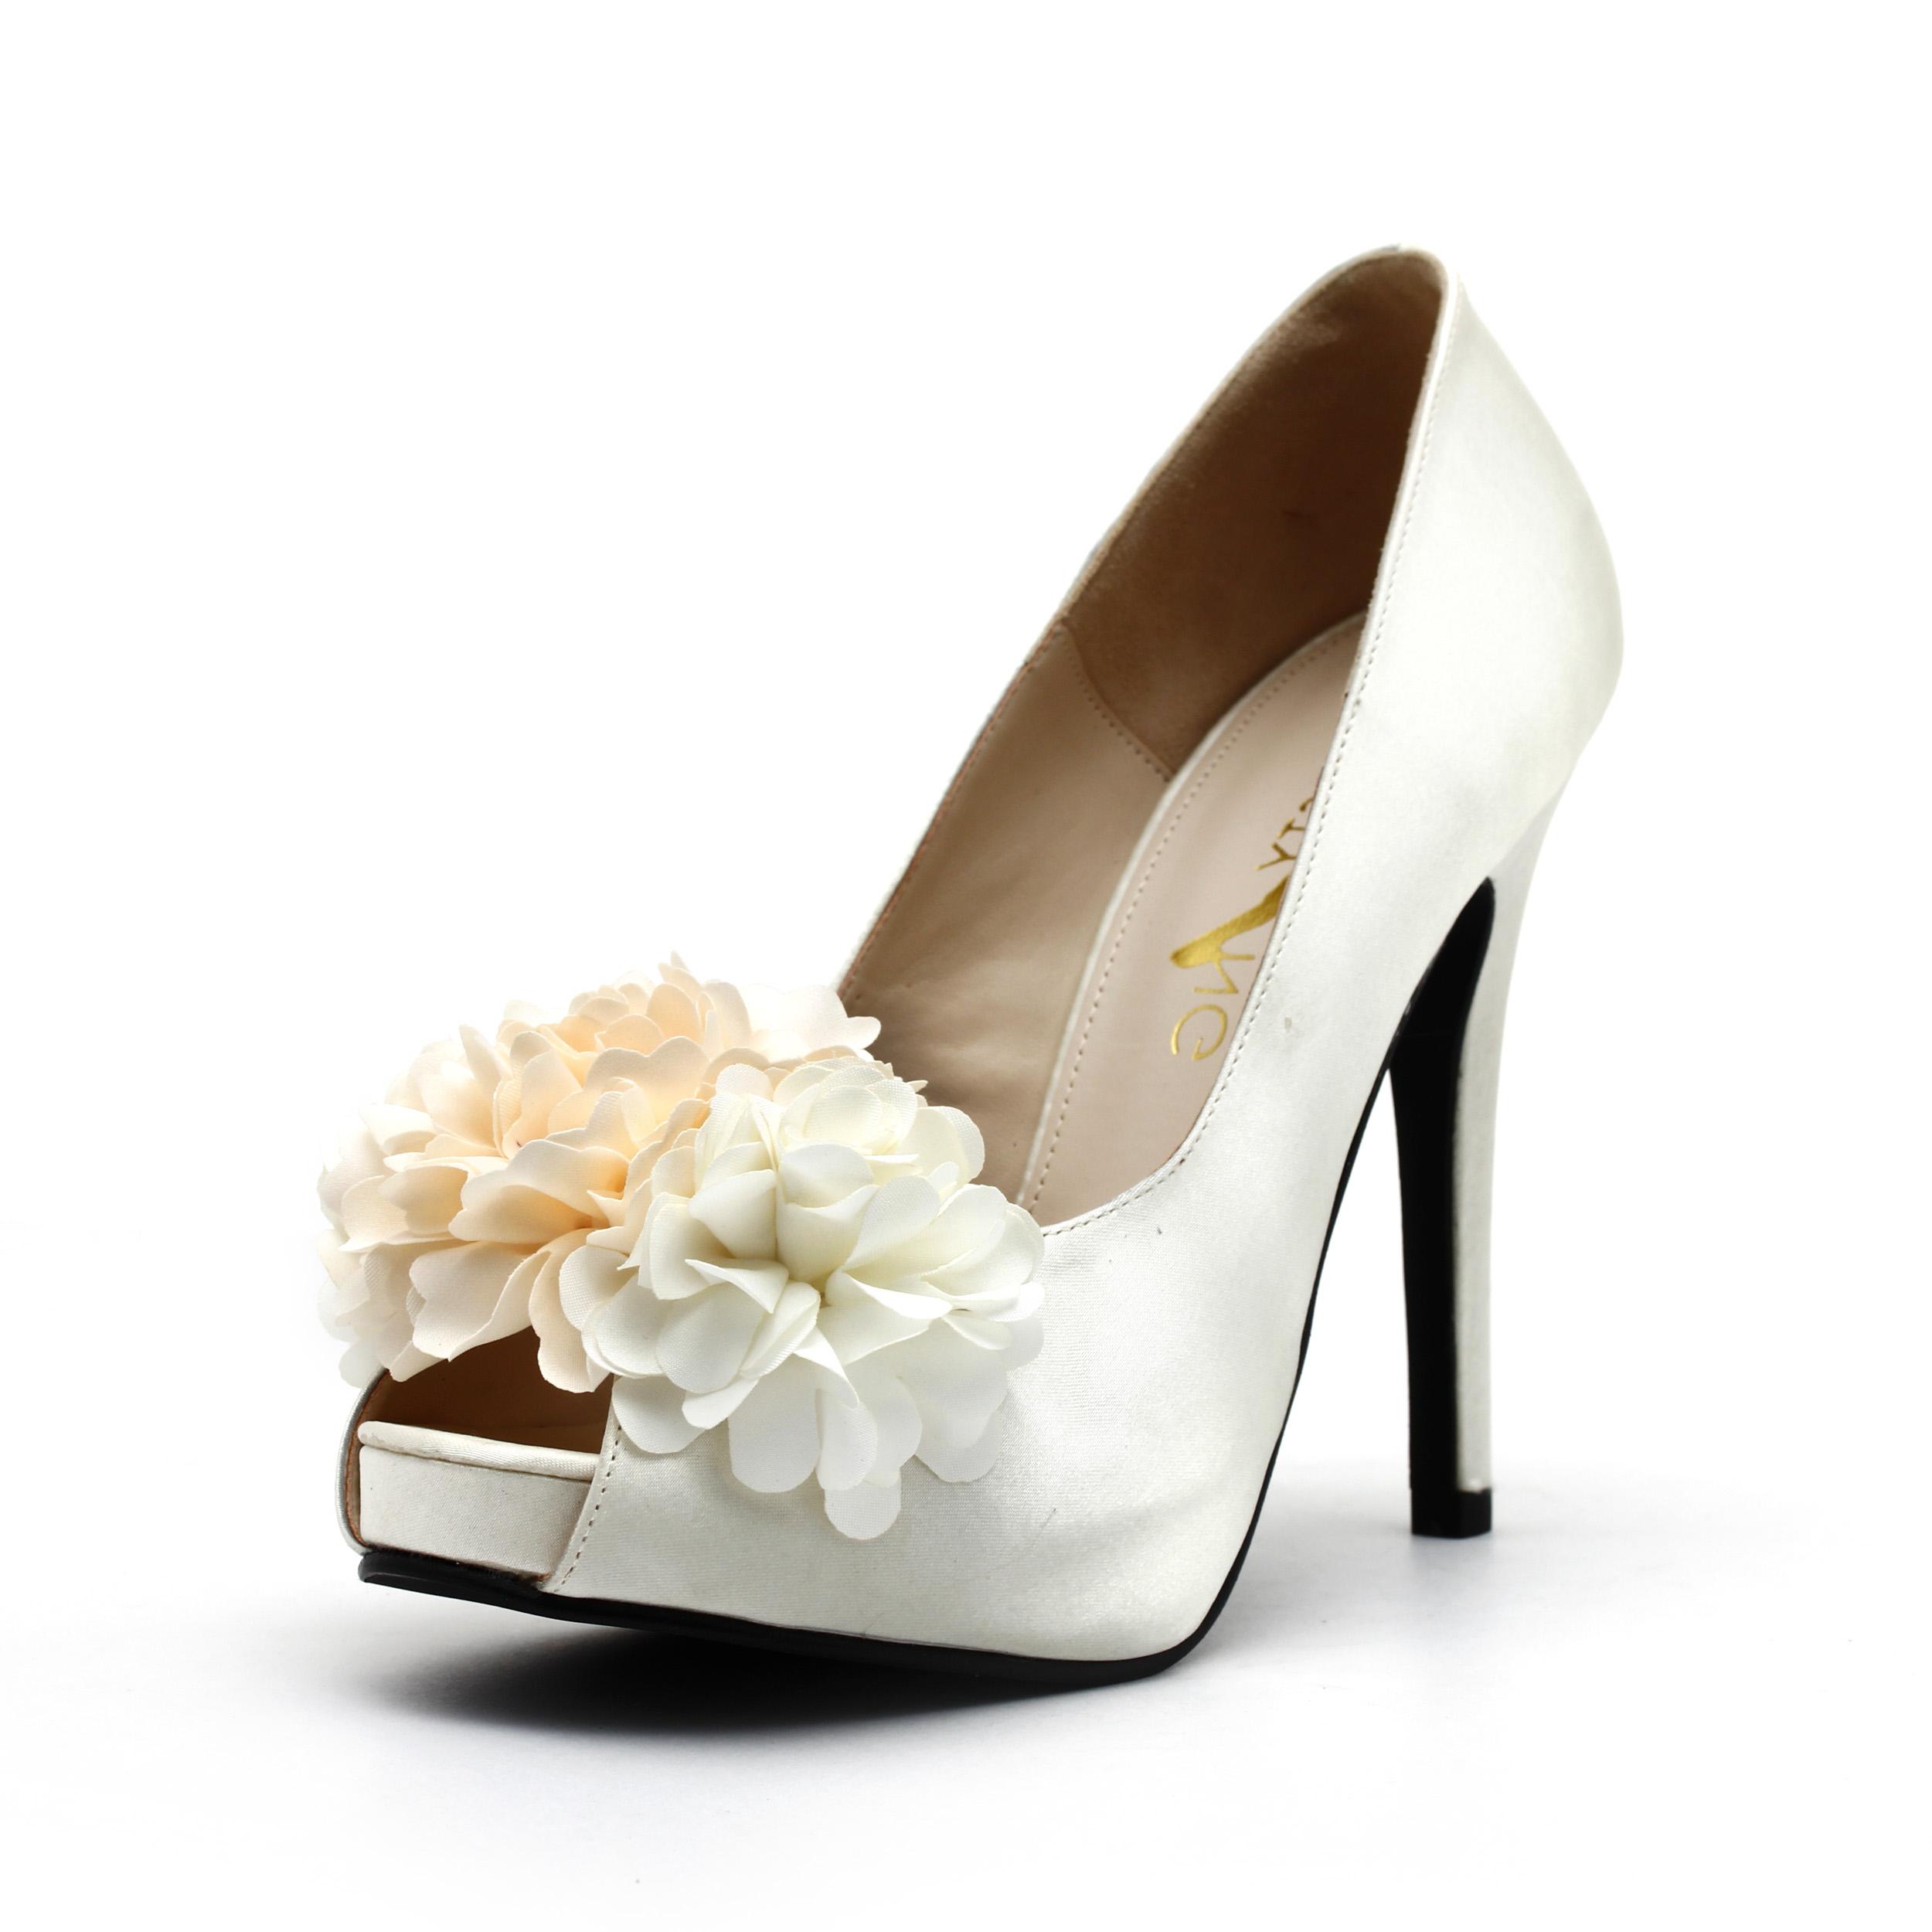 bb3334a5761 Three Dimensions White Chiffon Flower Wedding Shoes